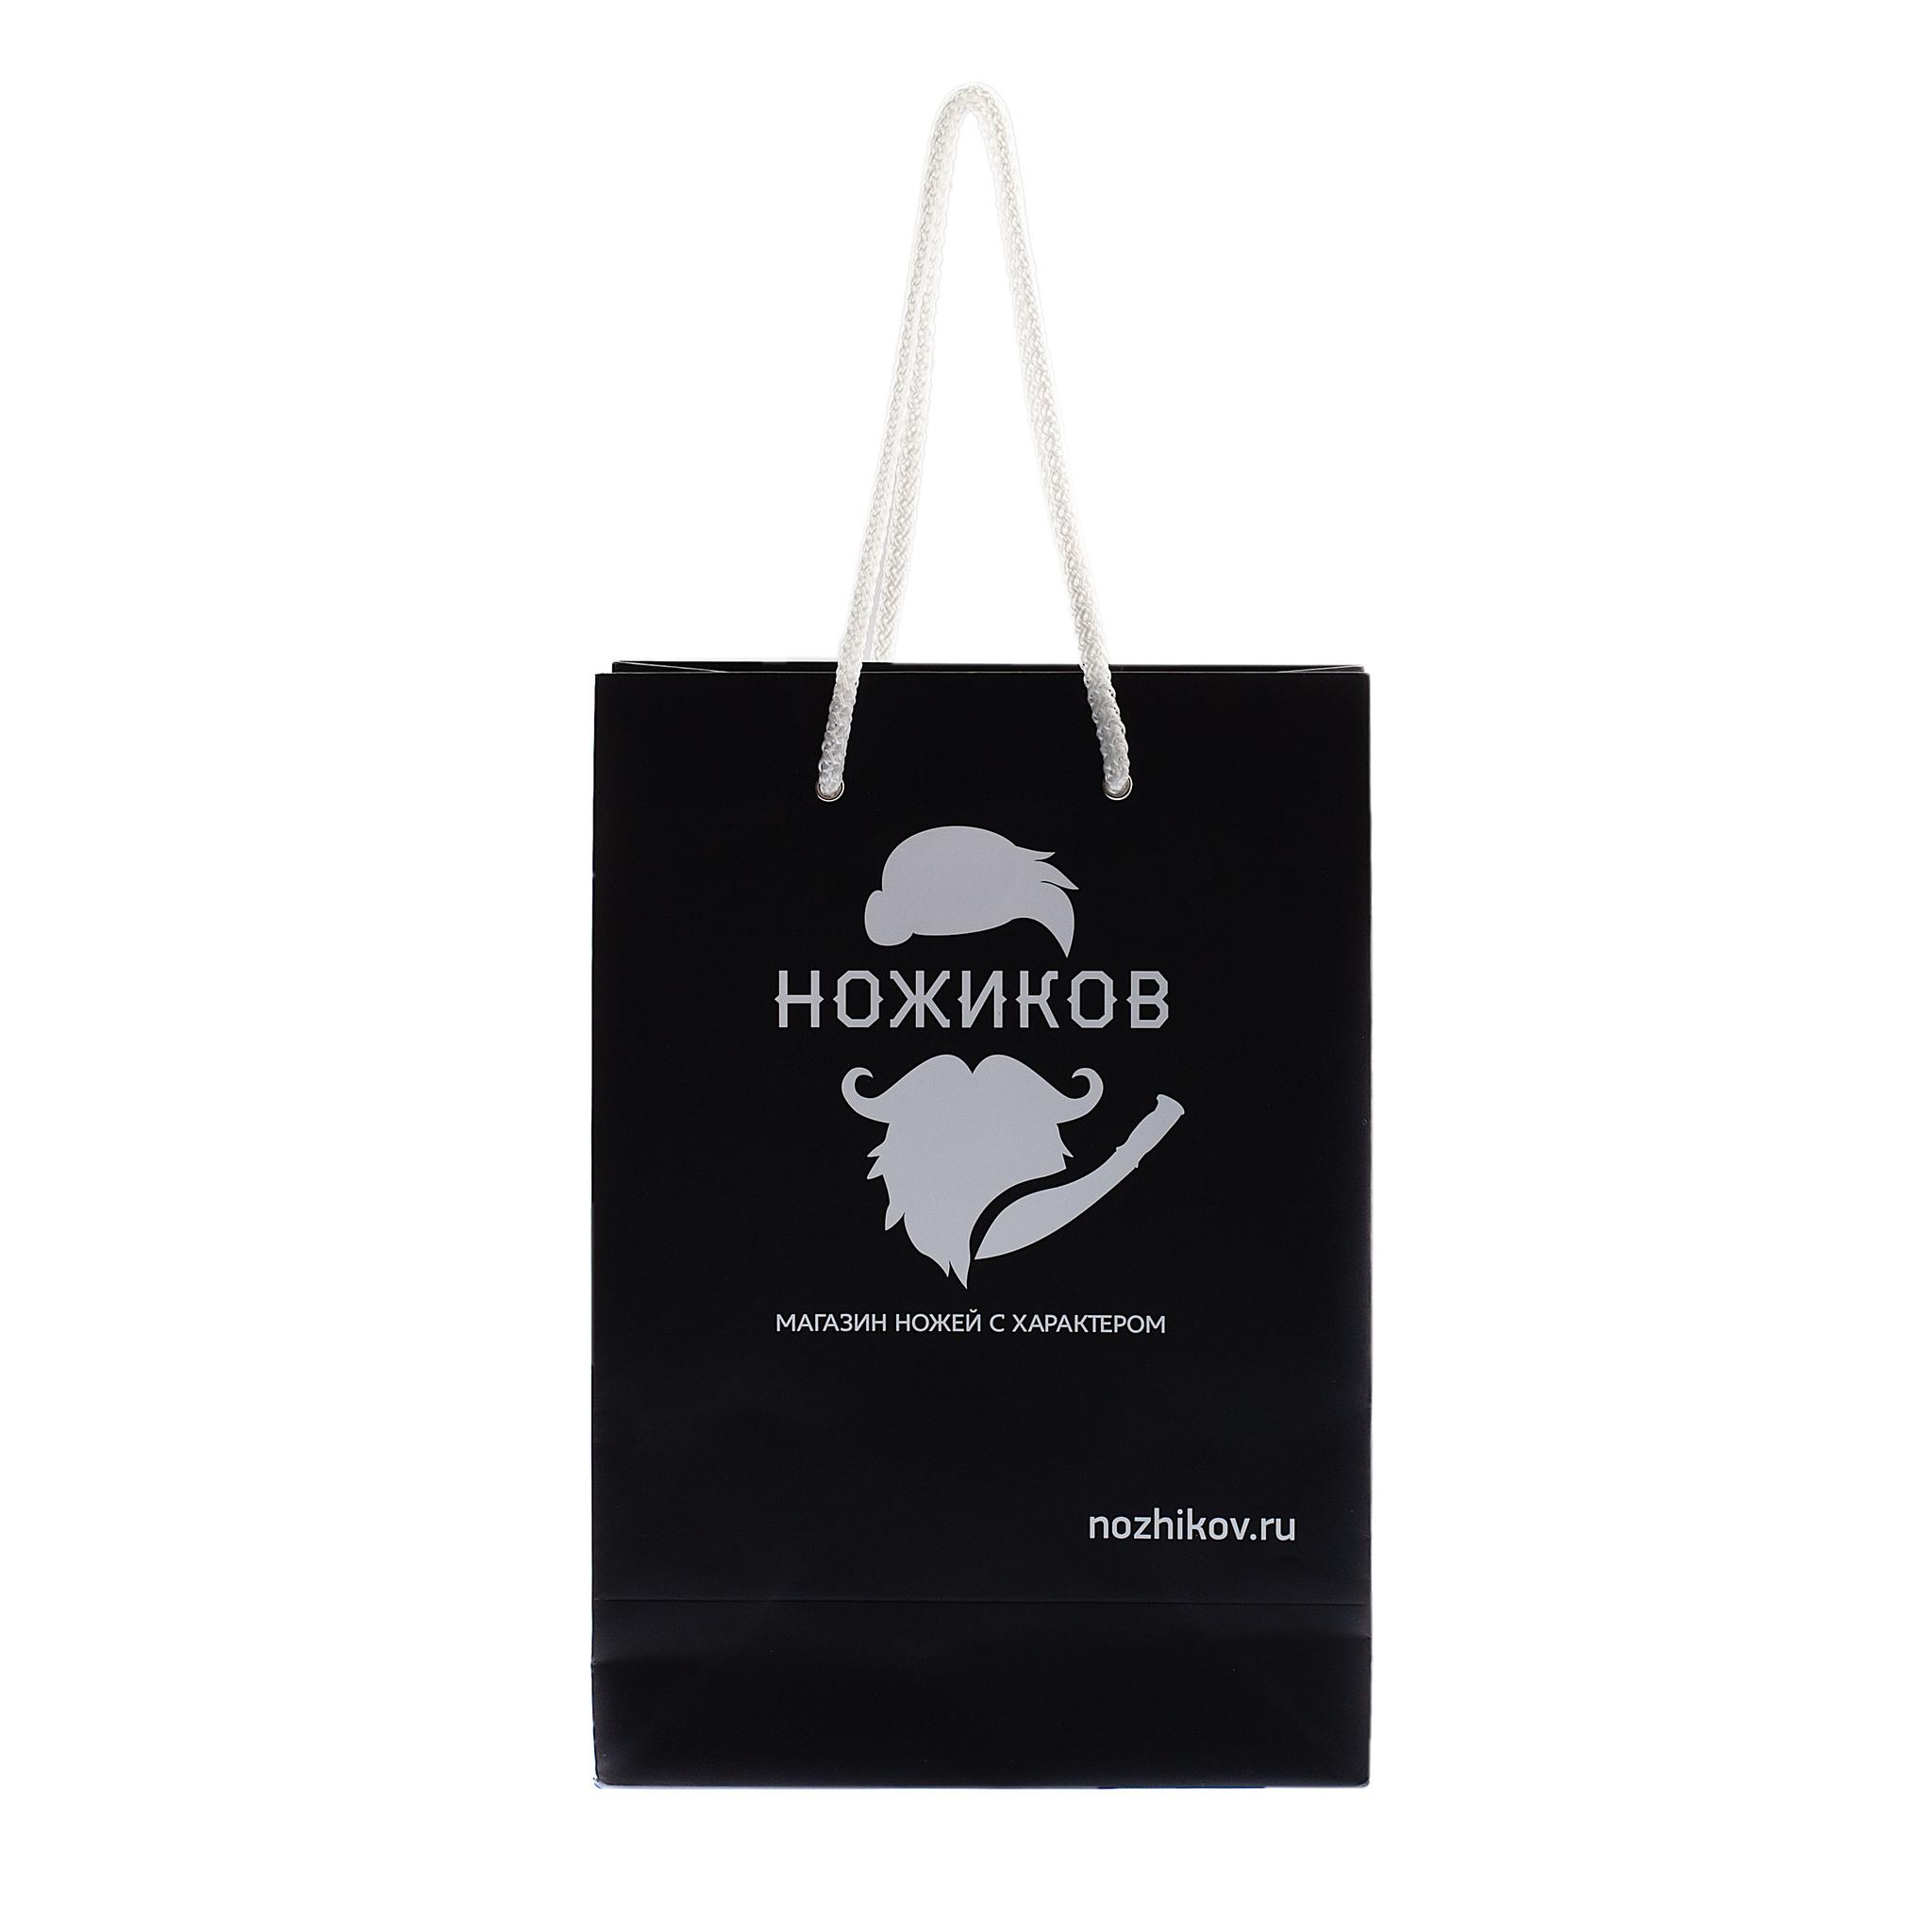 Подарочный пакет, размеры 300х100х200 от Nozhikov